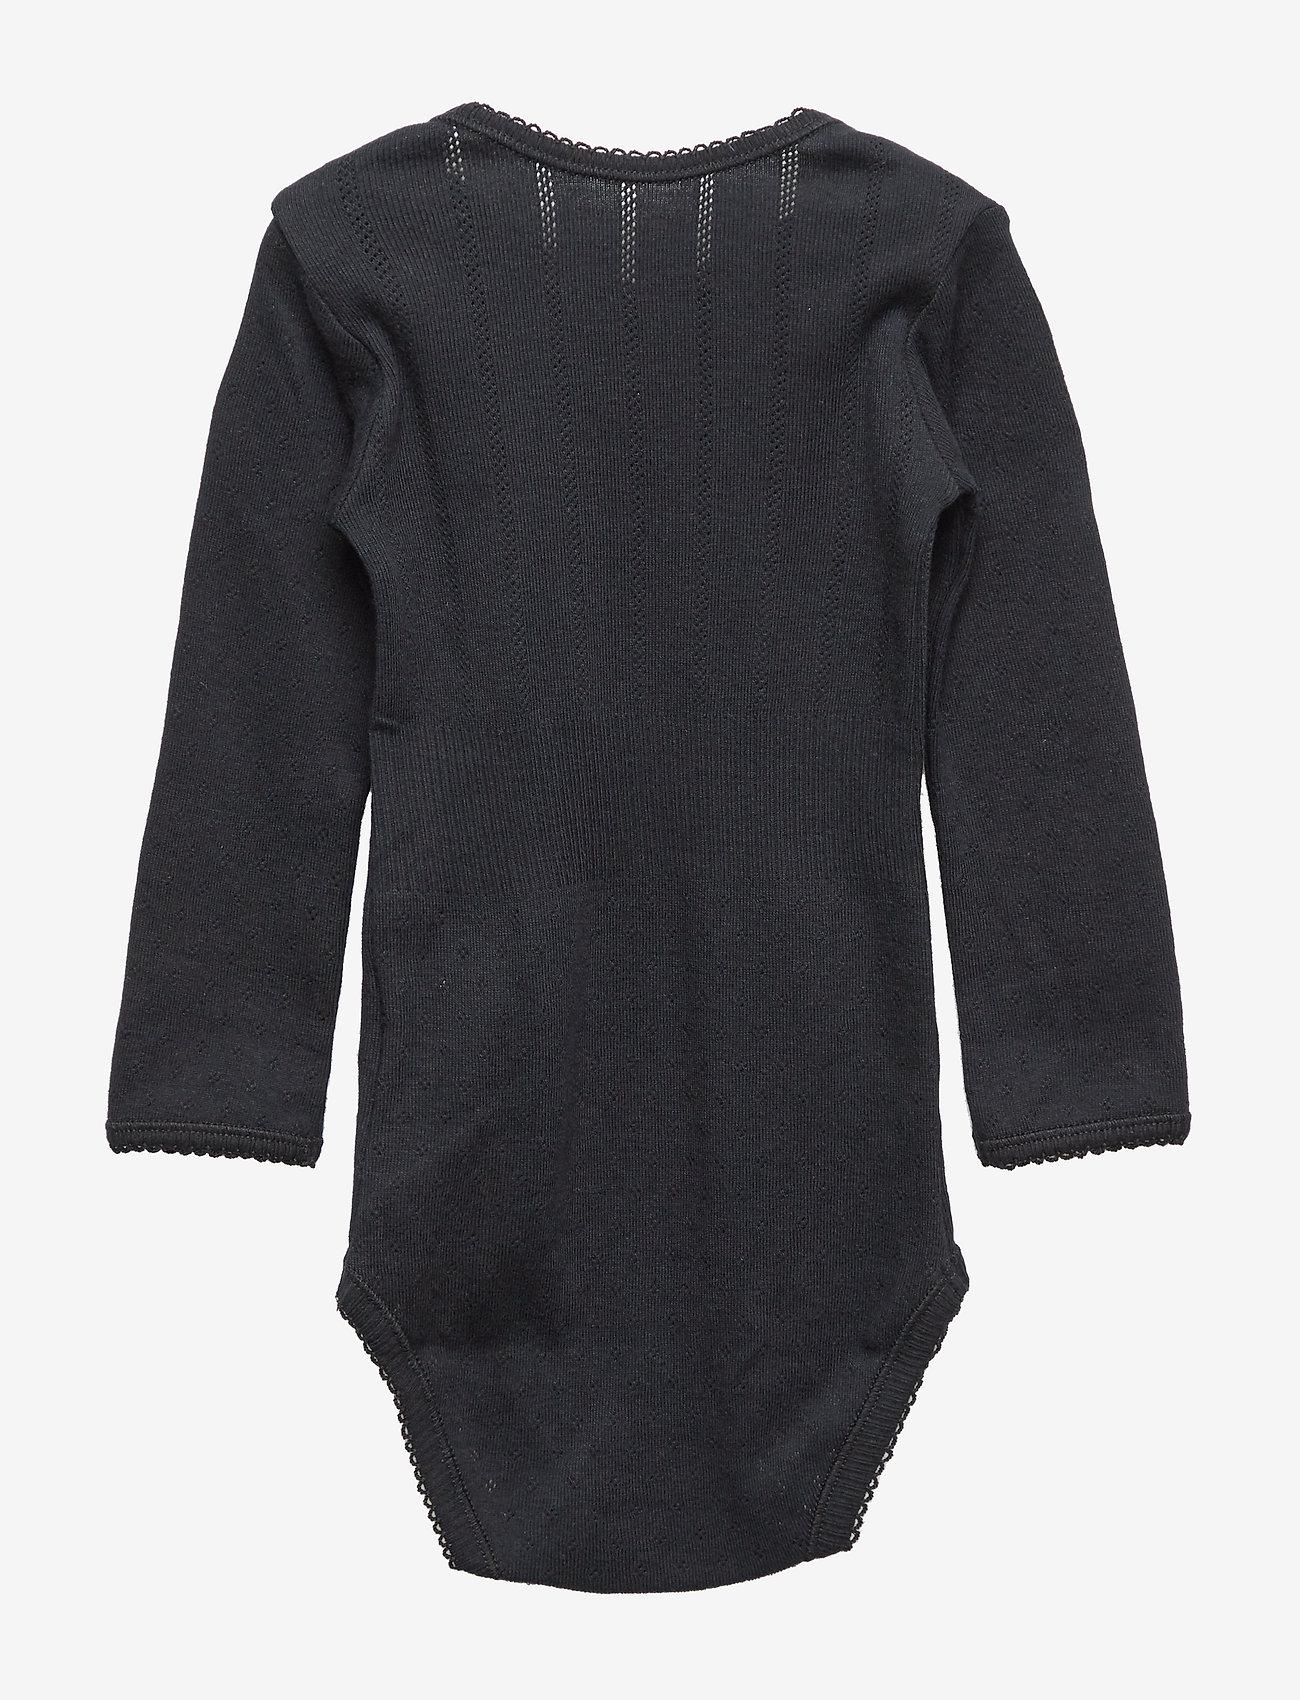 Noa Noa Miniature - Baby Body - long-sleeved - black - 1